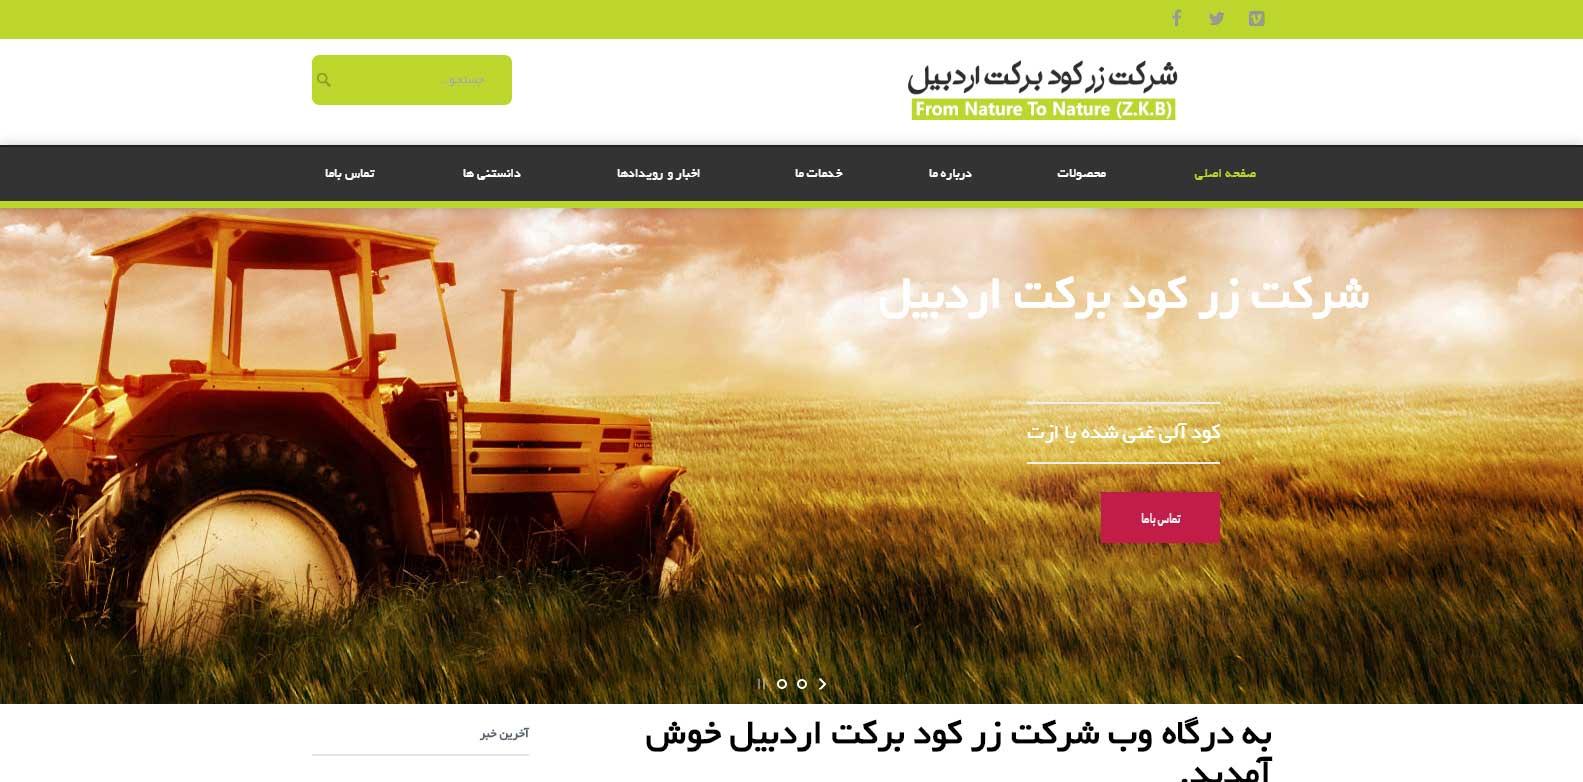 طراحی سایت زرکود برکت